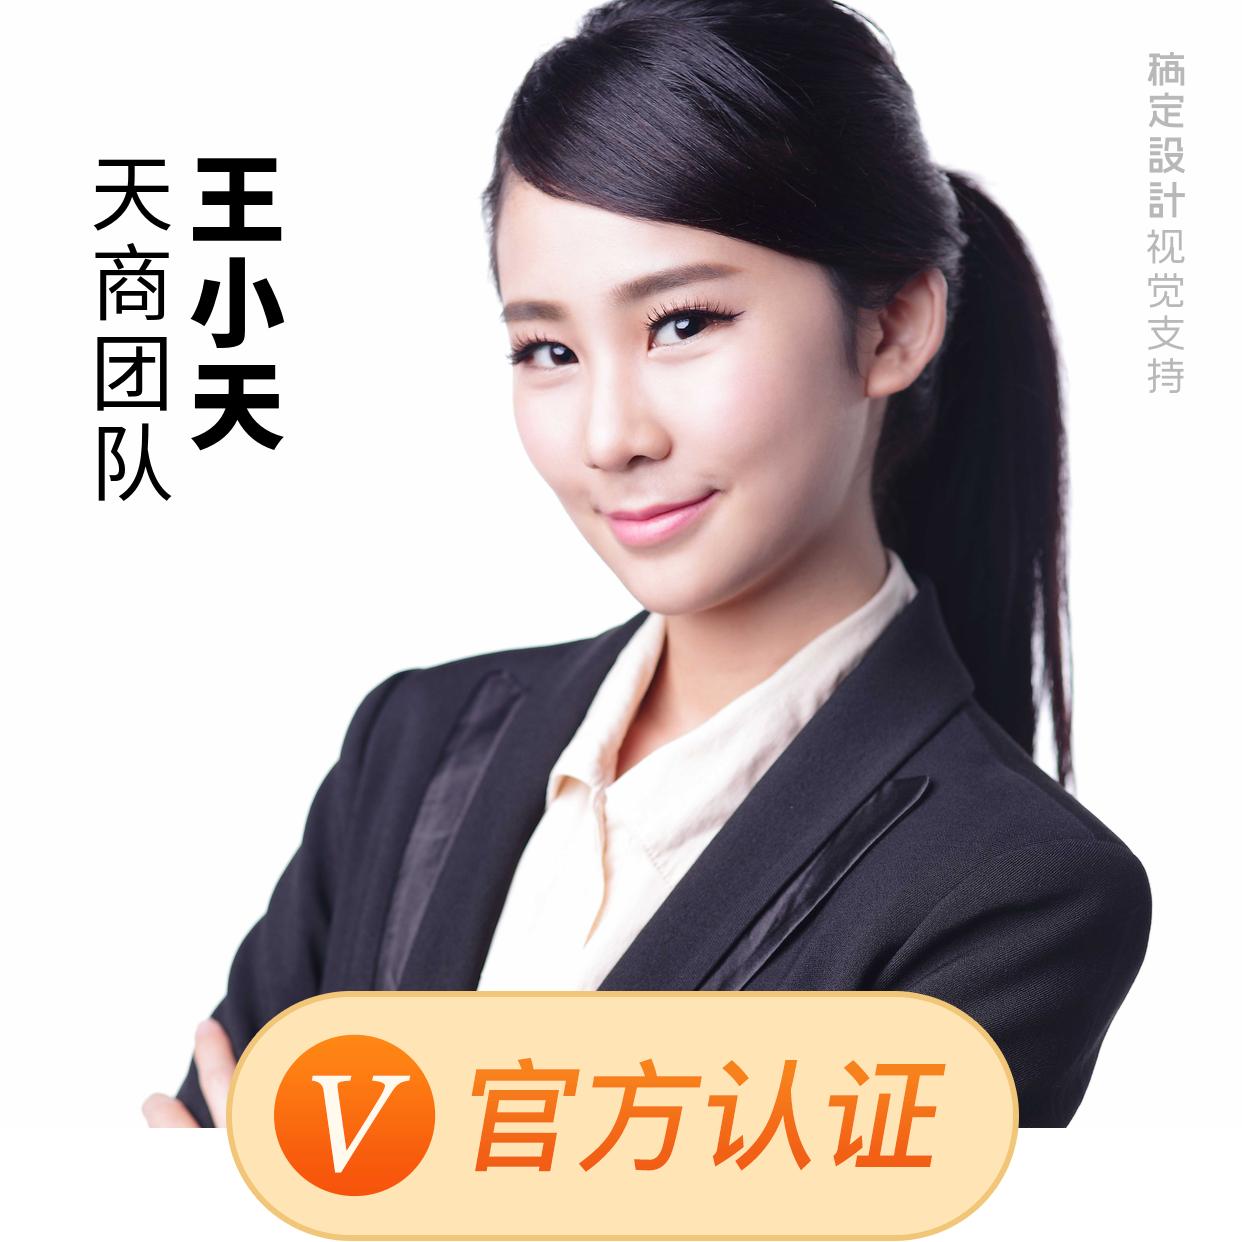 营销微商加V认证微信头像